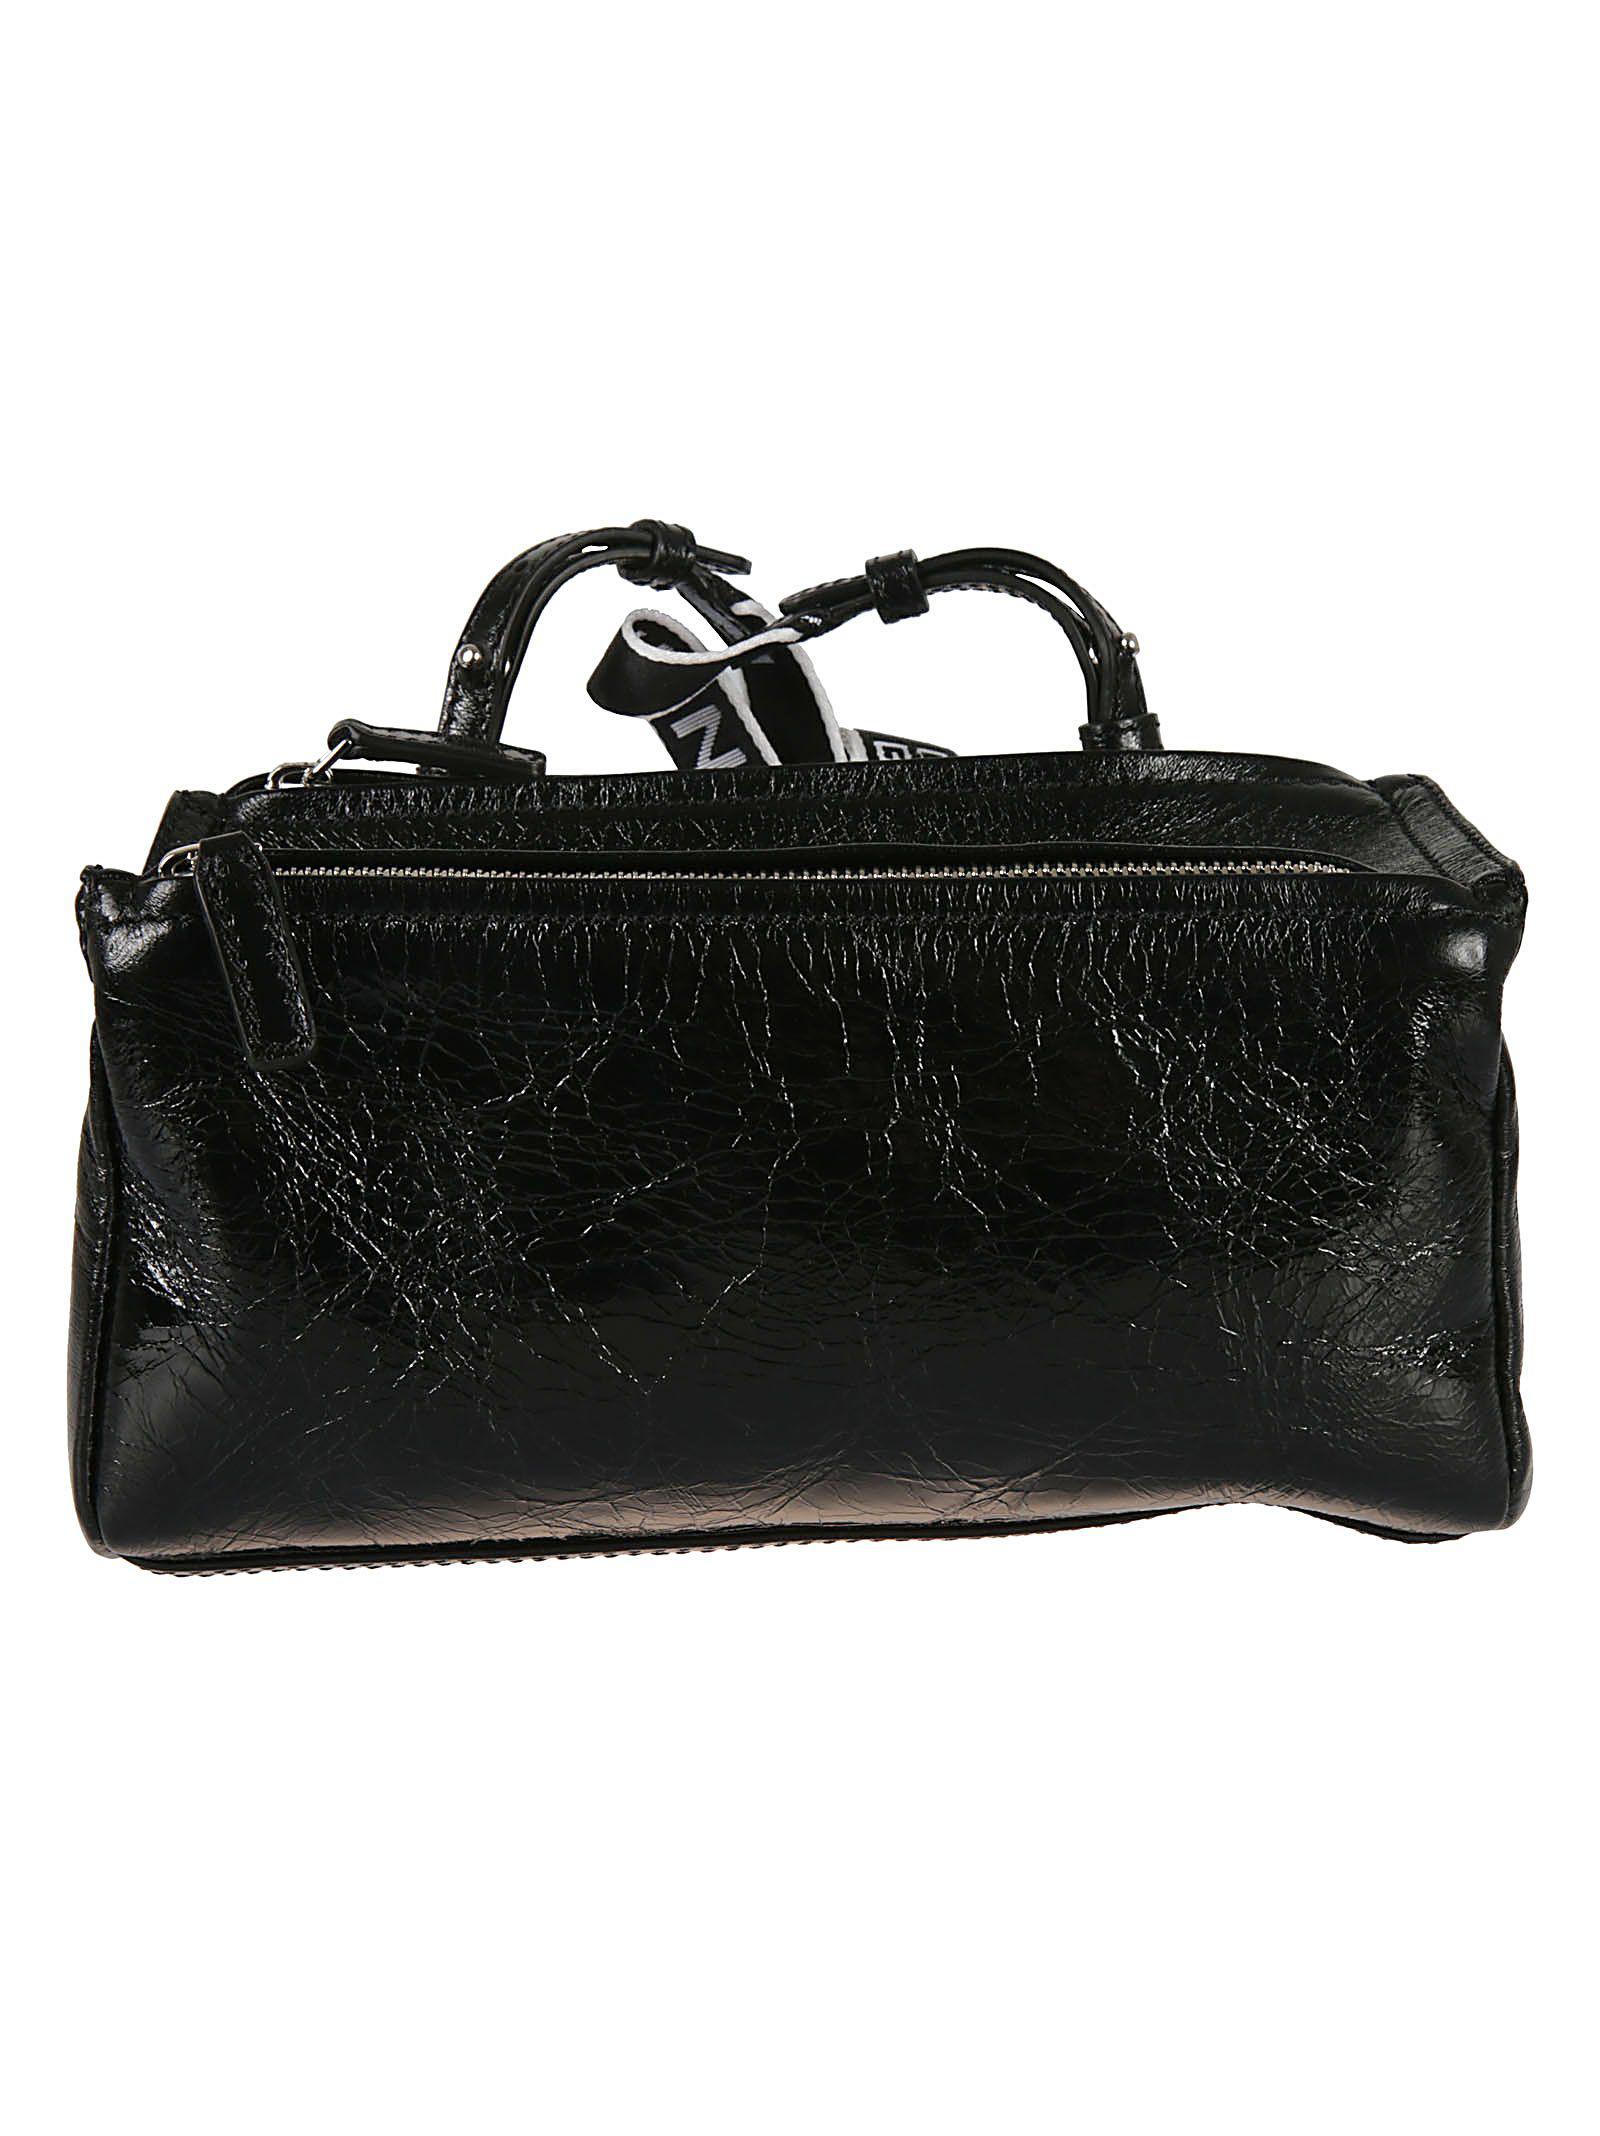 Givenchy 4g Mini Pandora Shoulder Bag In Black